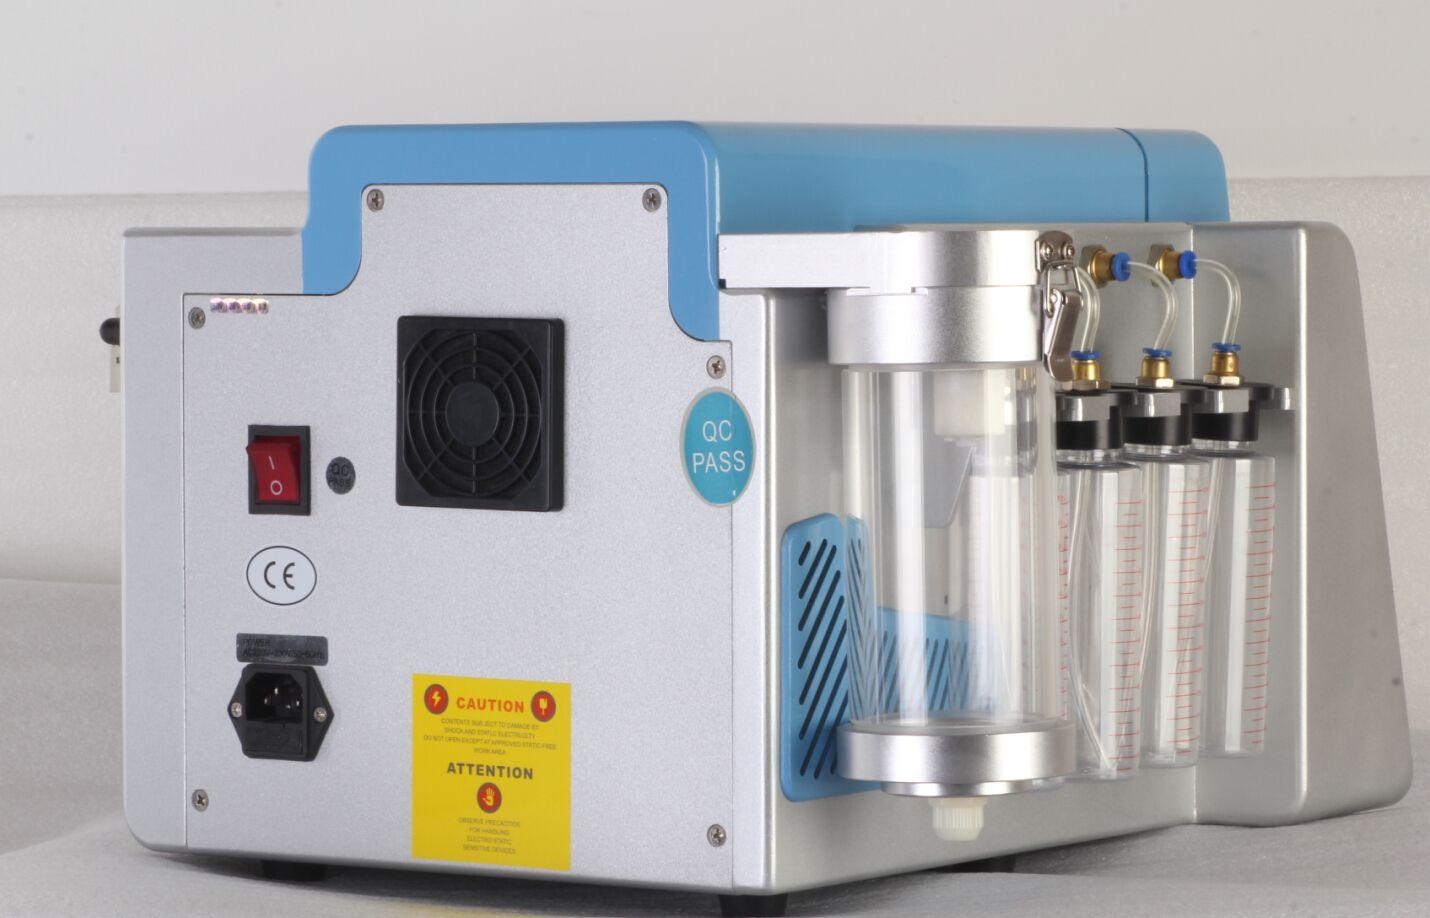 Hydro Dermabrasion Máquina Facial Dermabrasion de agua Máquina de cáscara con 8 puntas Hydro profesionales y 9 consejos de diamante Aprobación CE